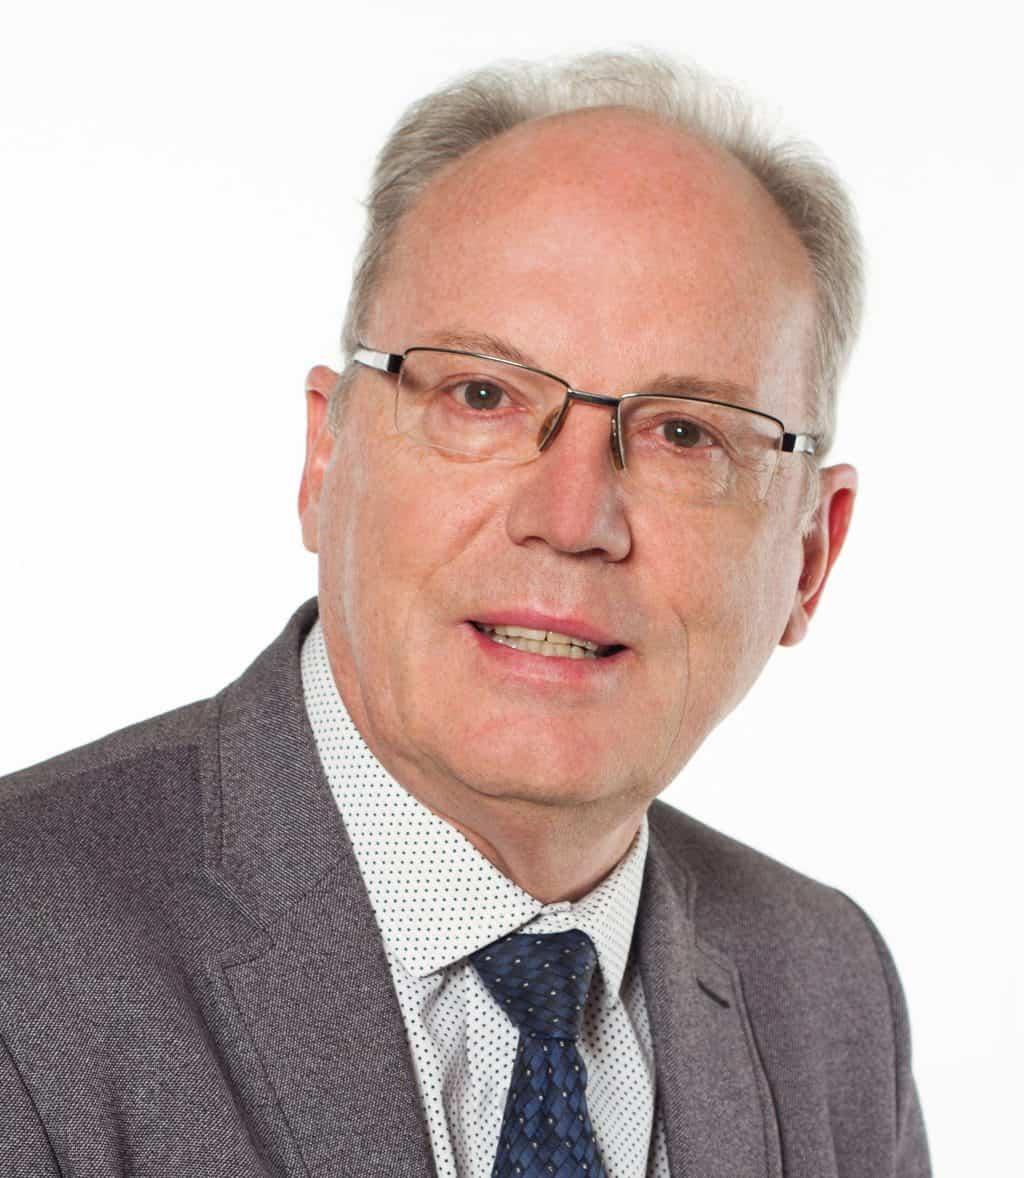 Dr. Rean du Plessis